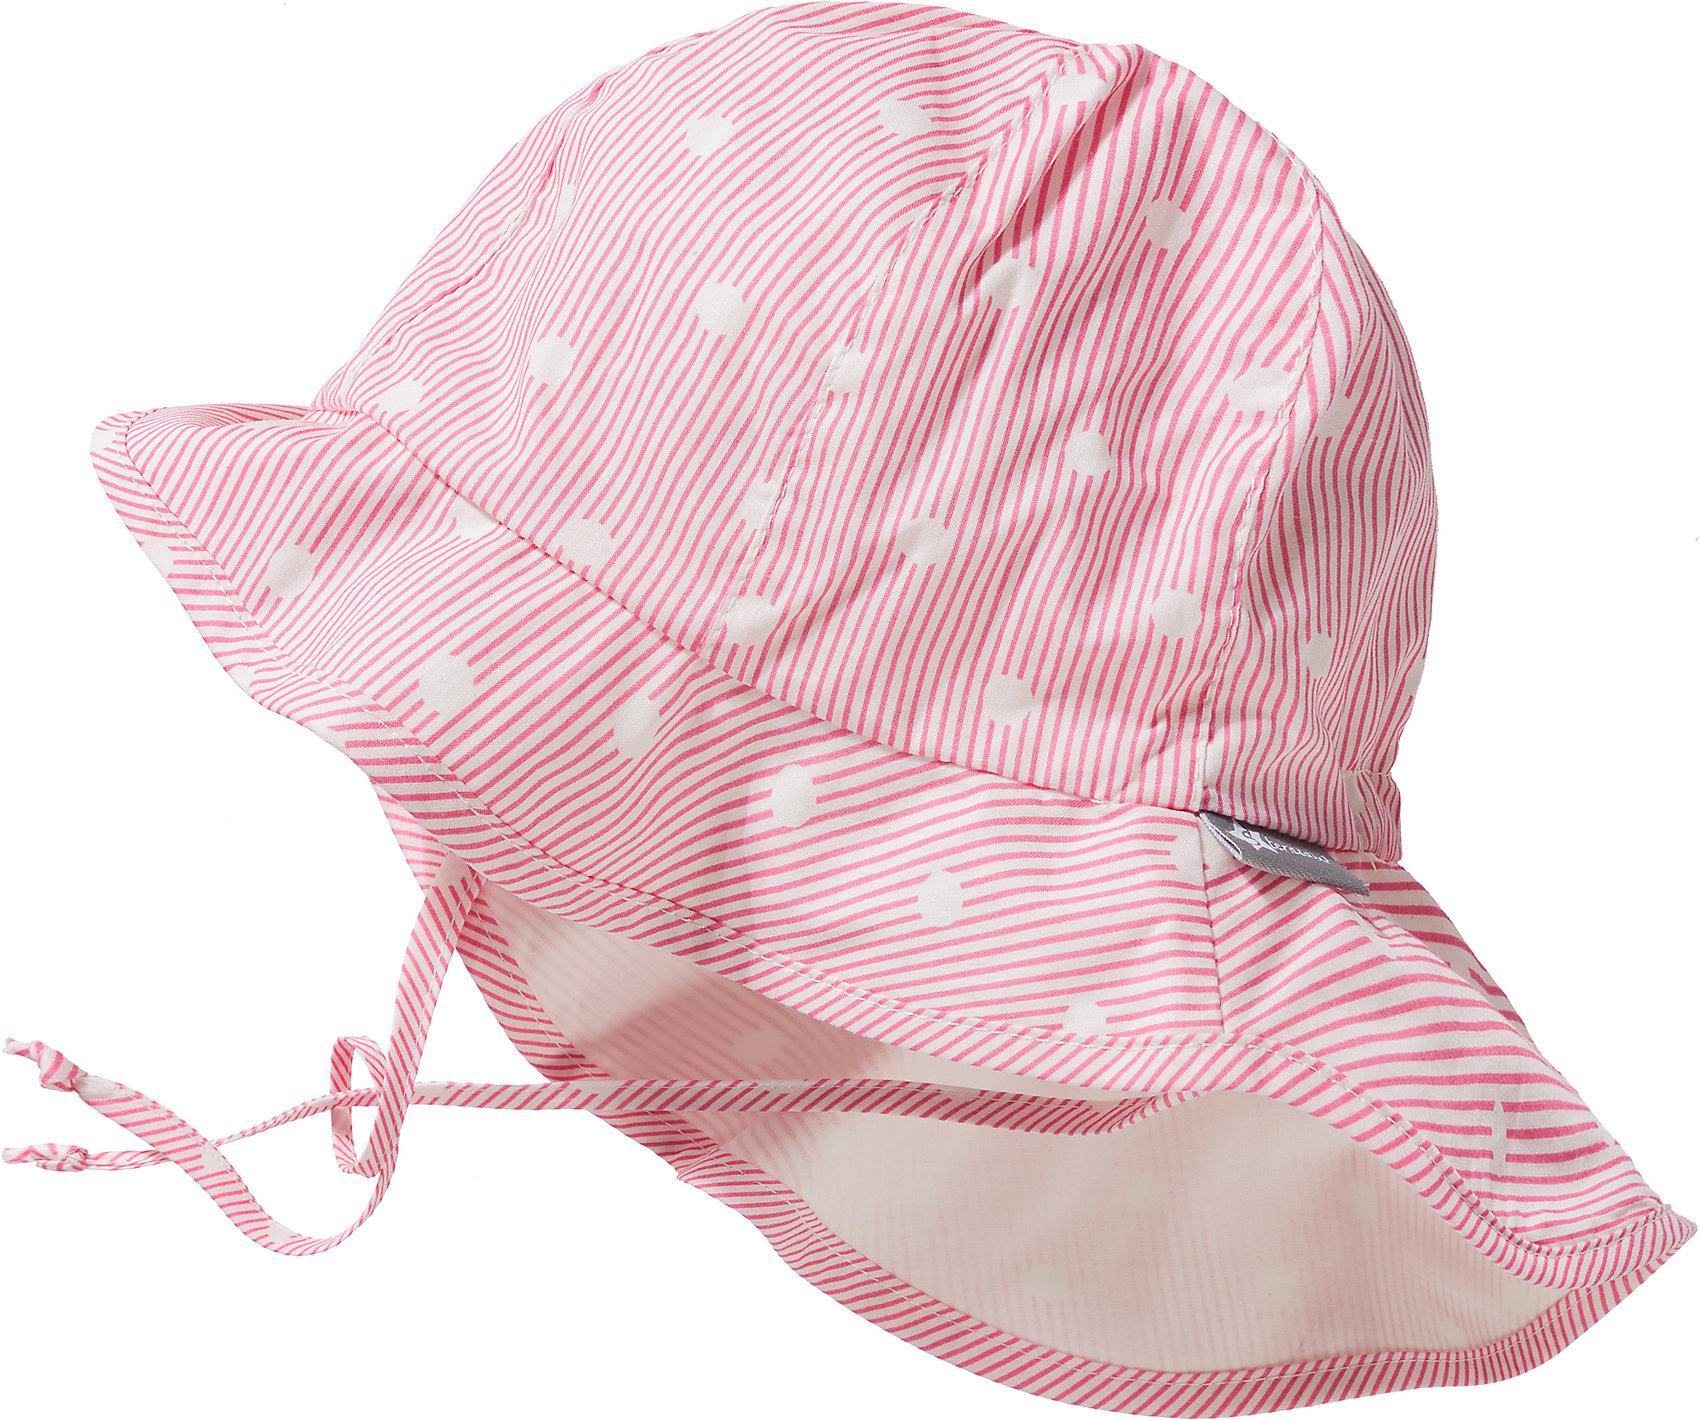 neuer Stil bis zu 80% sparen spätester Verkauf Details zu Neu Sterntaler Sonnenhut mit UV-Schutz 30zum Binden mit  Nackenschutz für Mädchen